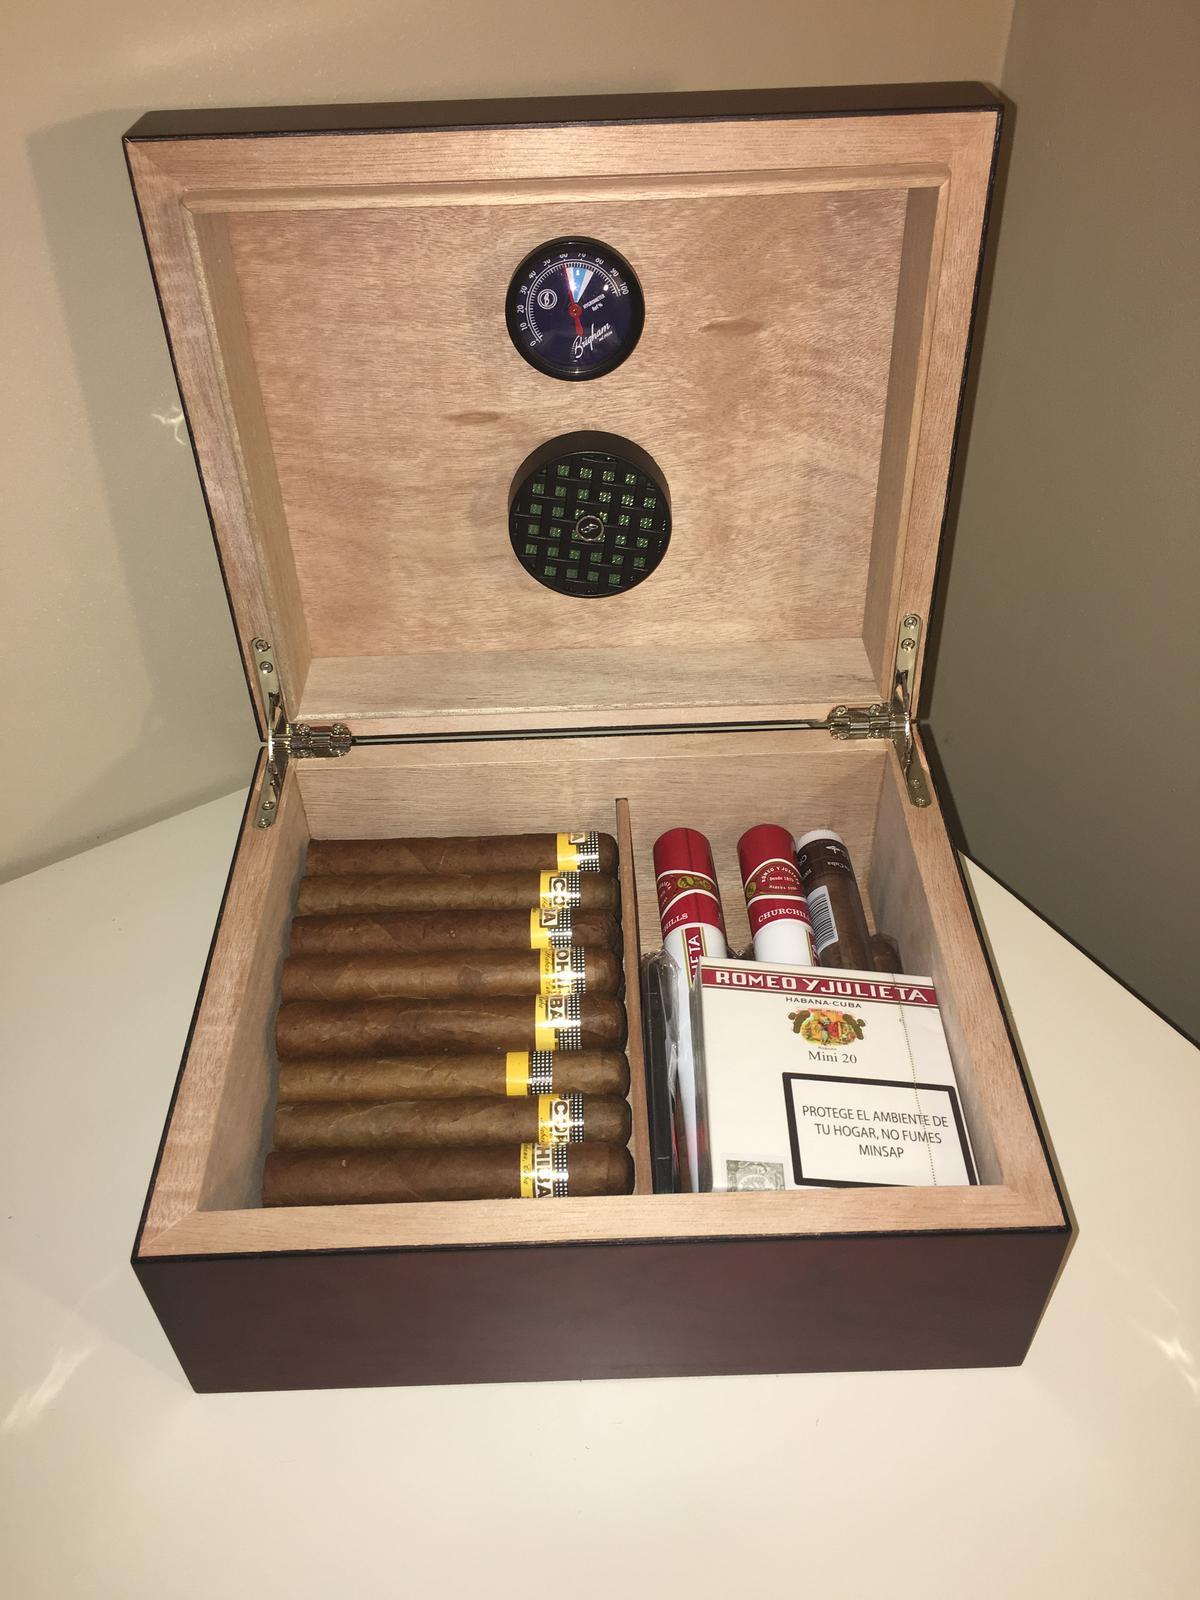 spravne sa musia cigary... - Obrázok č. 1